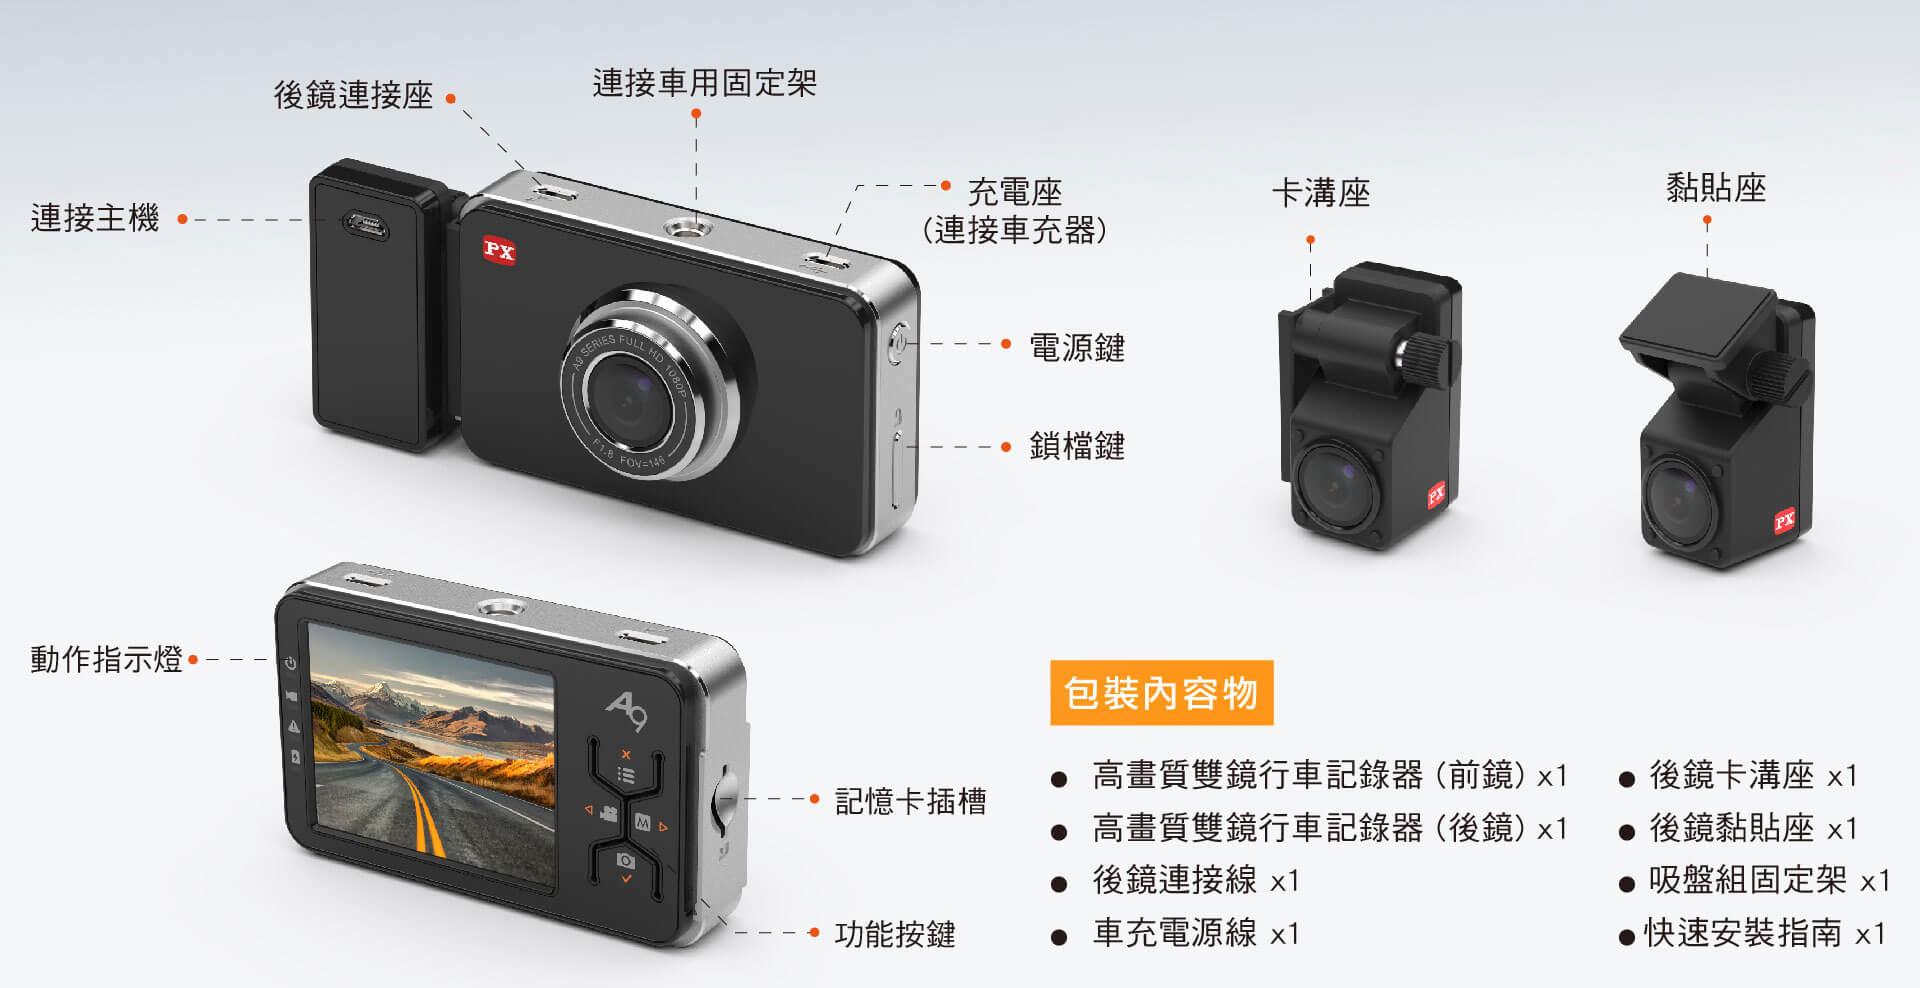 proimages/product/pro-01/pro-01-001/A9/A9-22.jpg